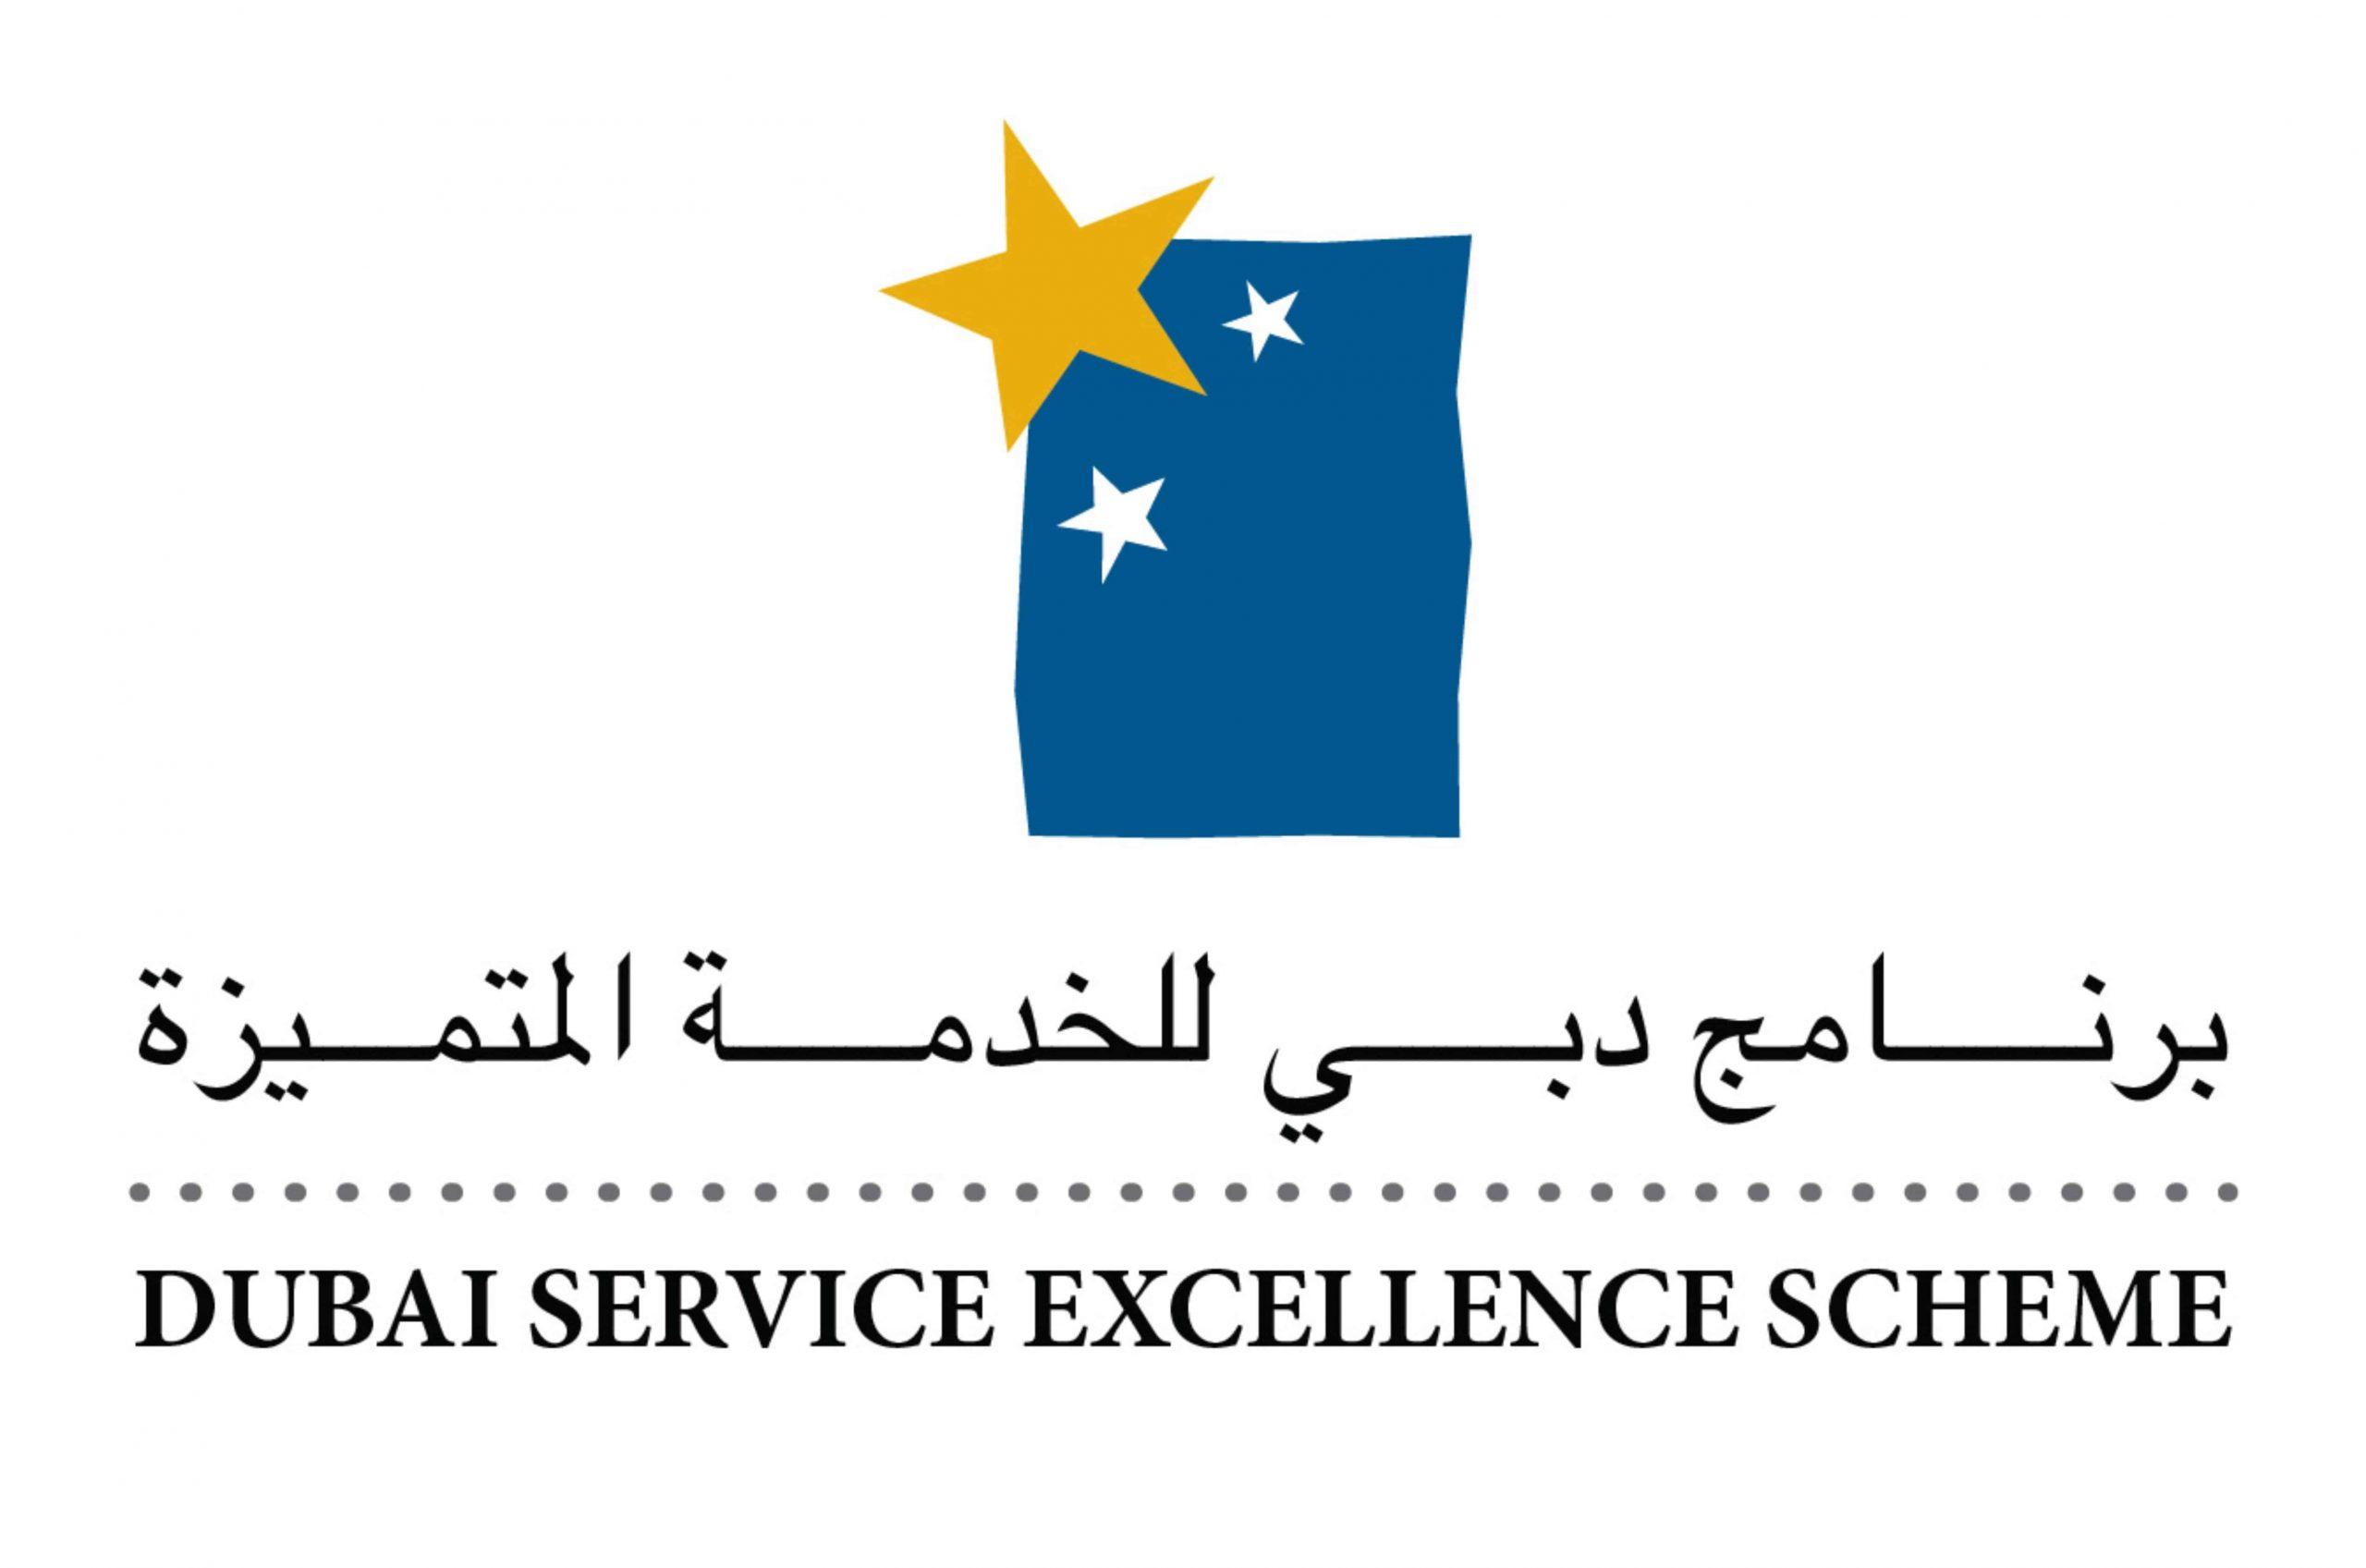 DUBAI-SERVICE-EXCELLENCE-SCHEME-LOGO-1